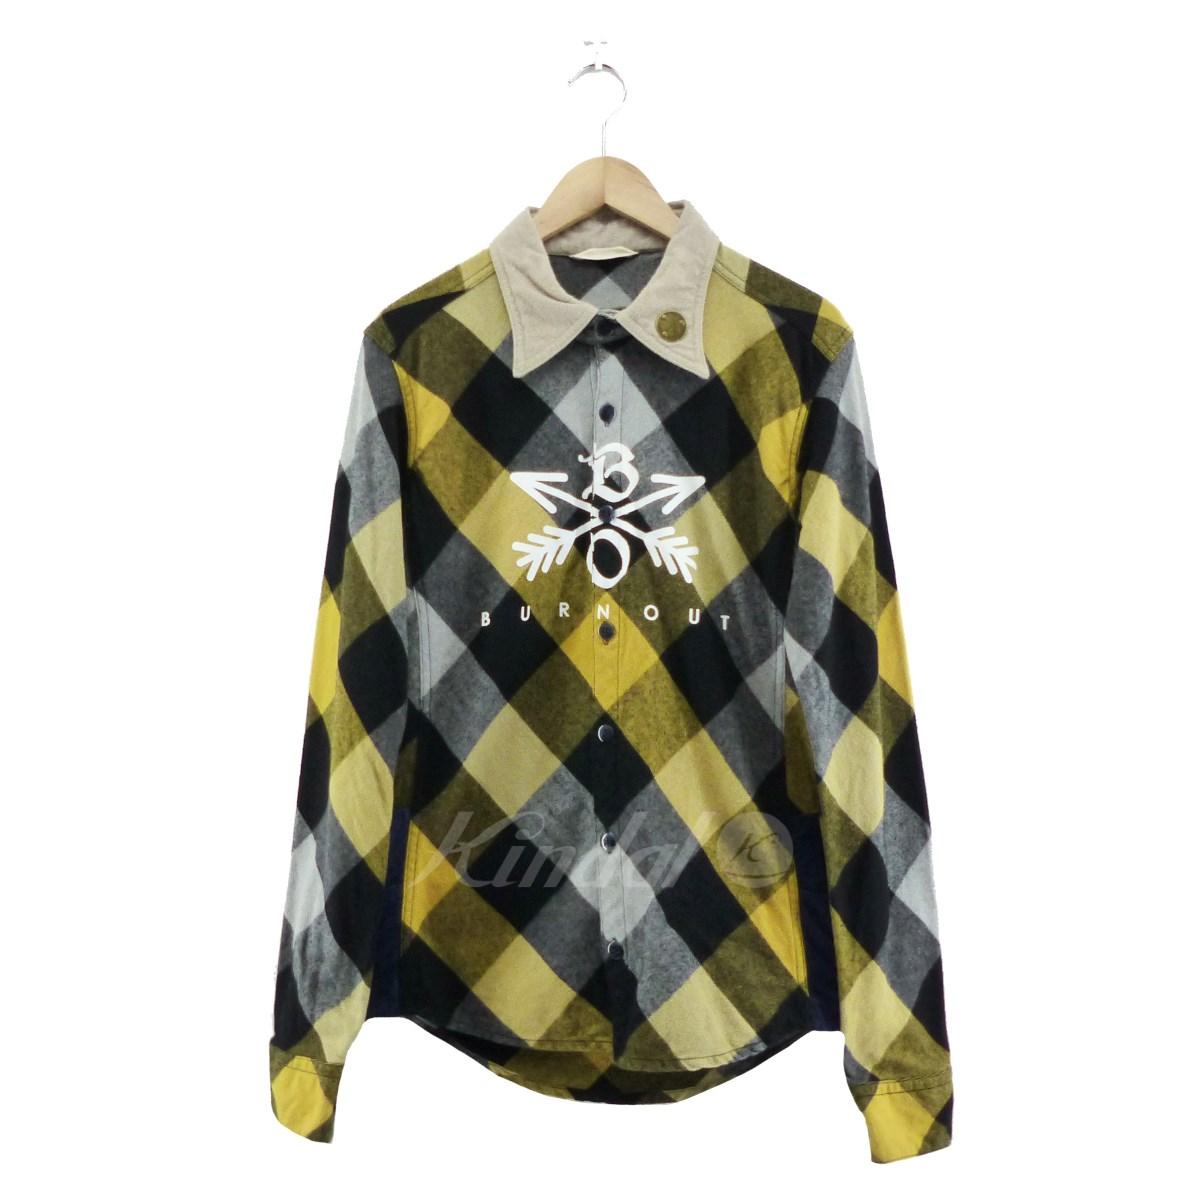 【中古】BURN OUT Crossed arrows checked shirt イエロー×グレー サイズ:M 【送料無料】 【100419】(バーンアウト)